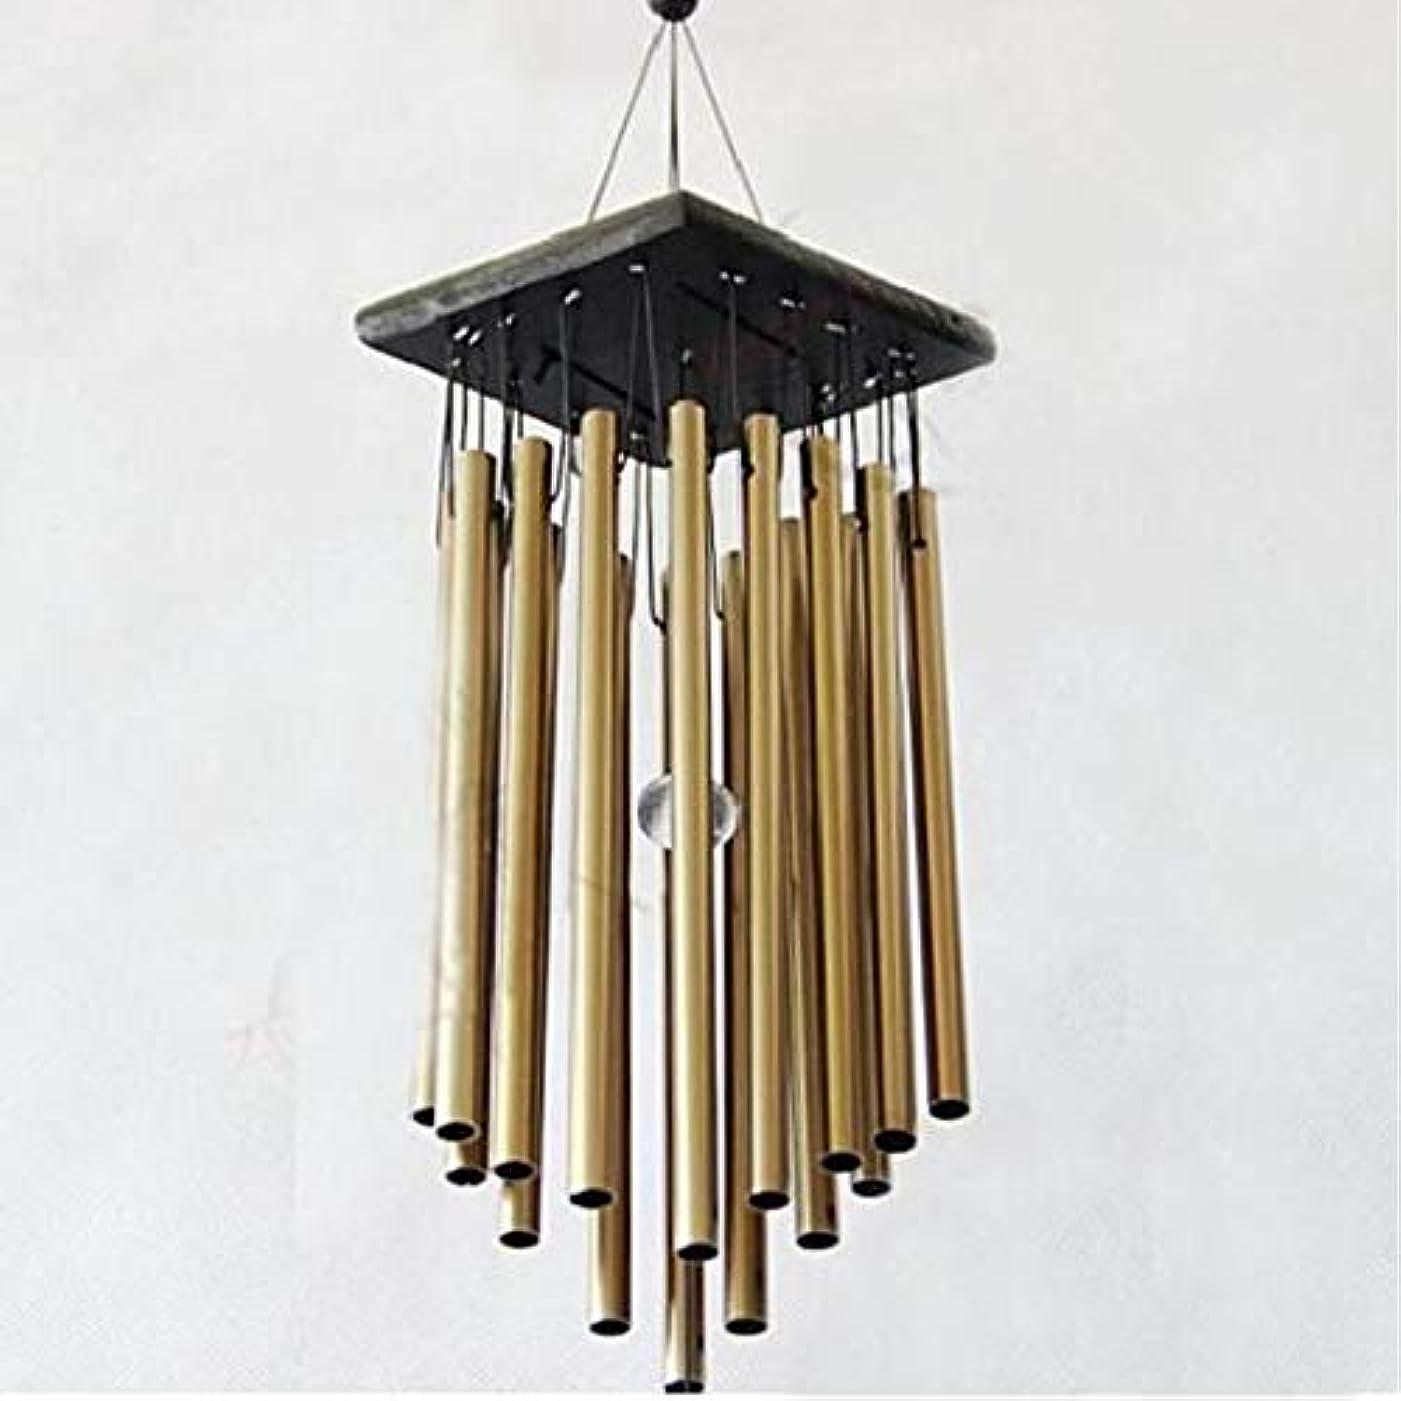 リードミリメートル震えるYougou01 風チャイム、メタル風チャイム16本のチューブ、イエロー、65CMについて全身をハンギング 、創造的な装飾